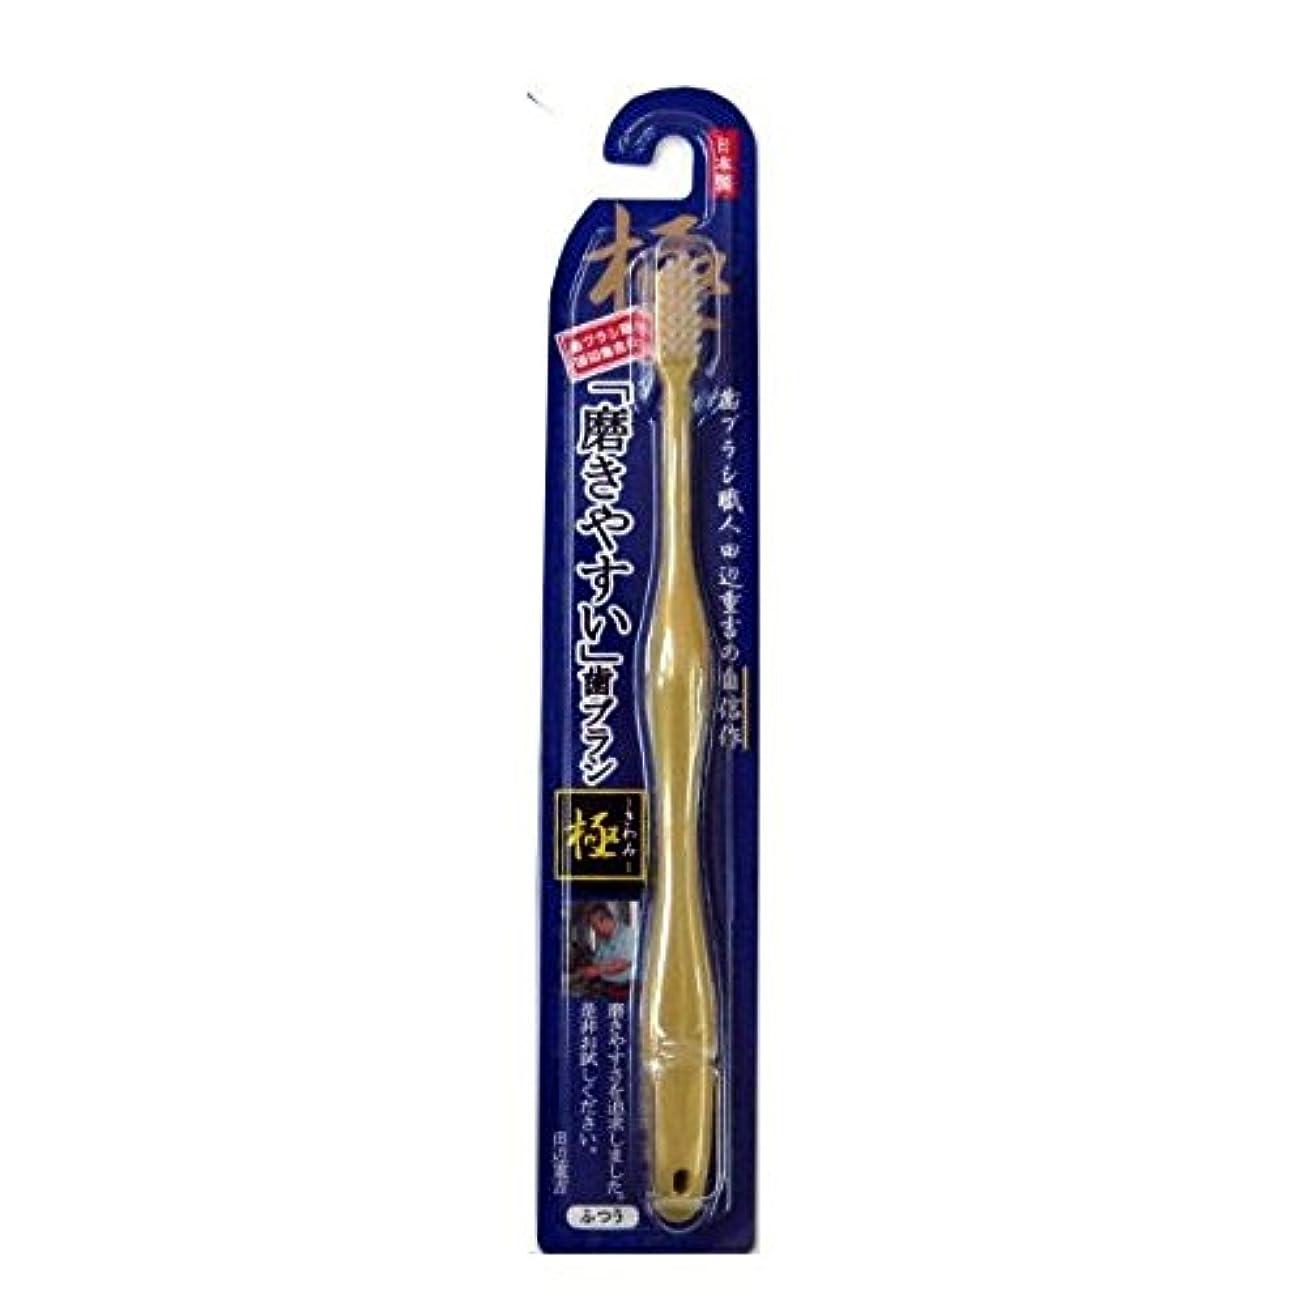 不規則性駅踏みつけ磨きやすい歯ブラシ極 LT-09